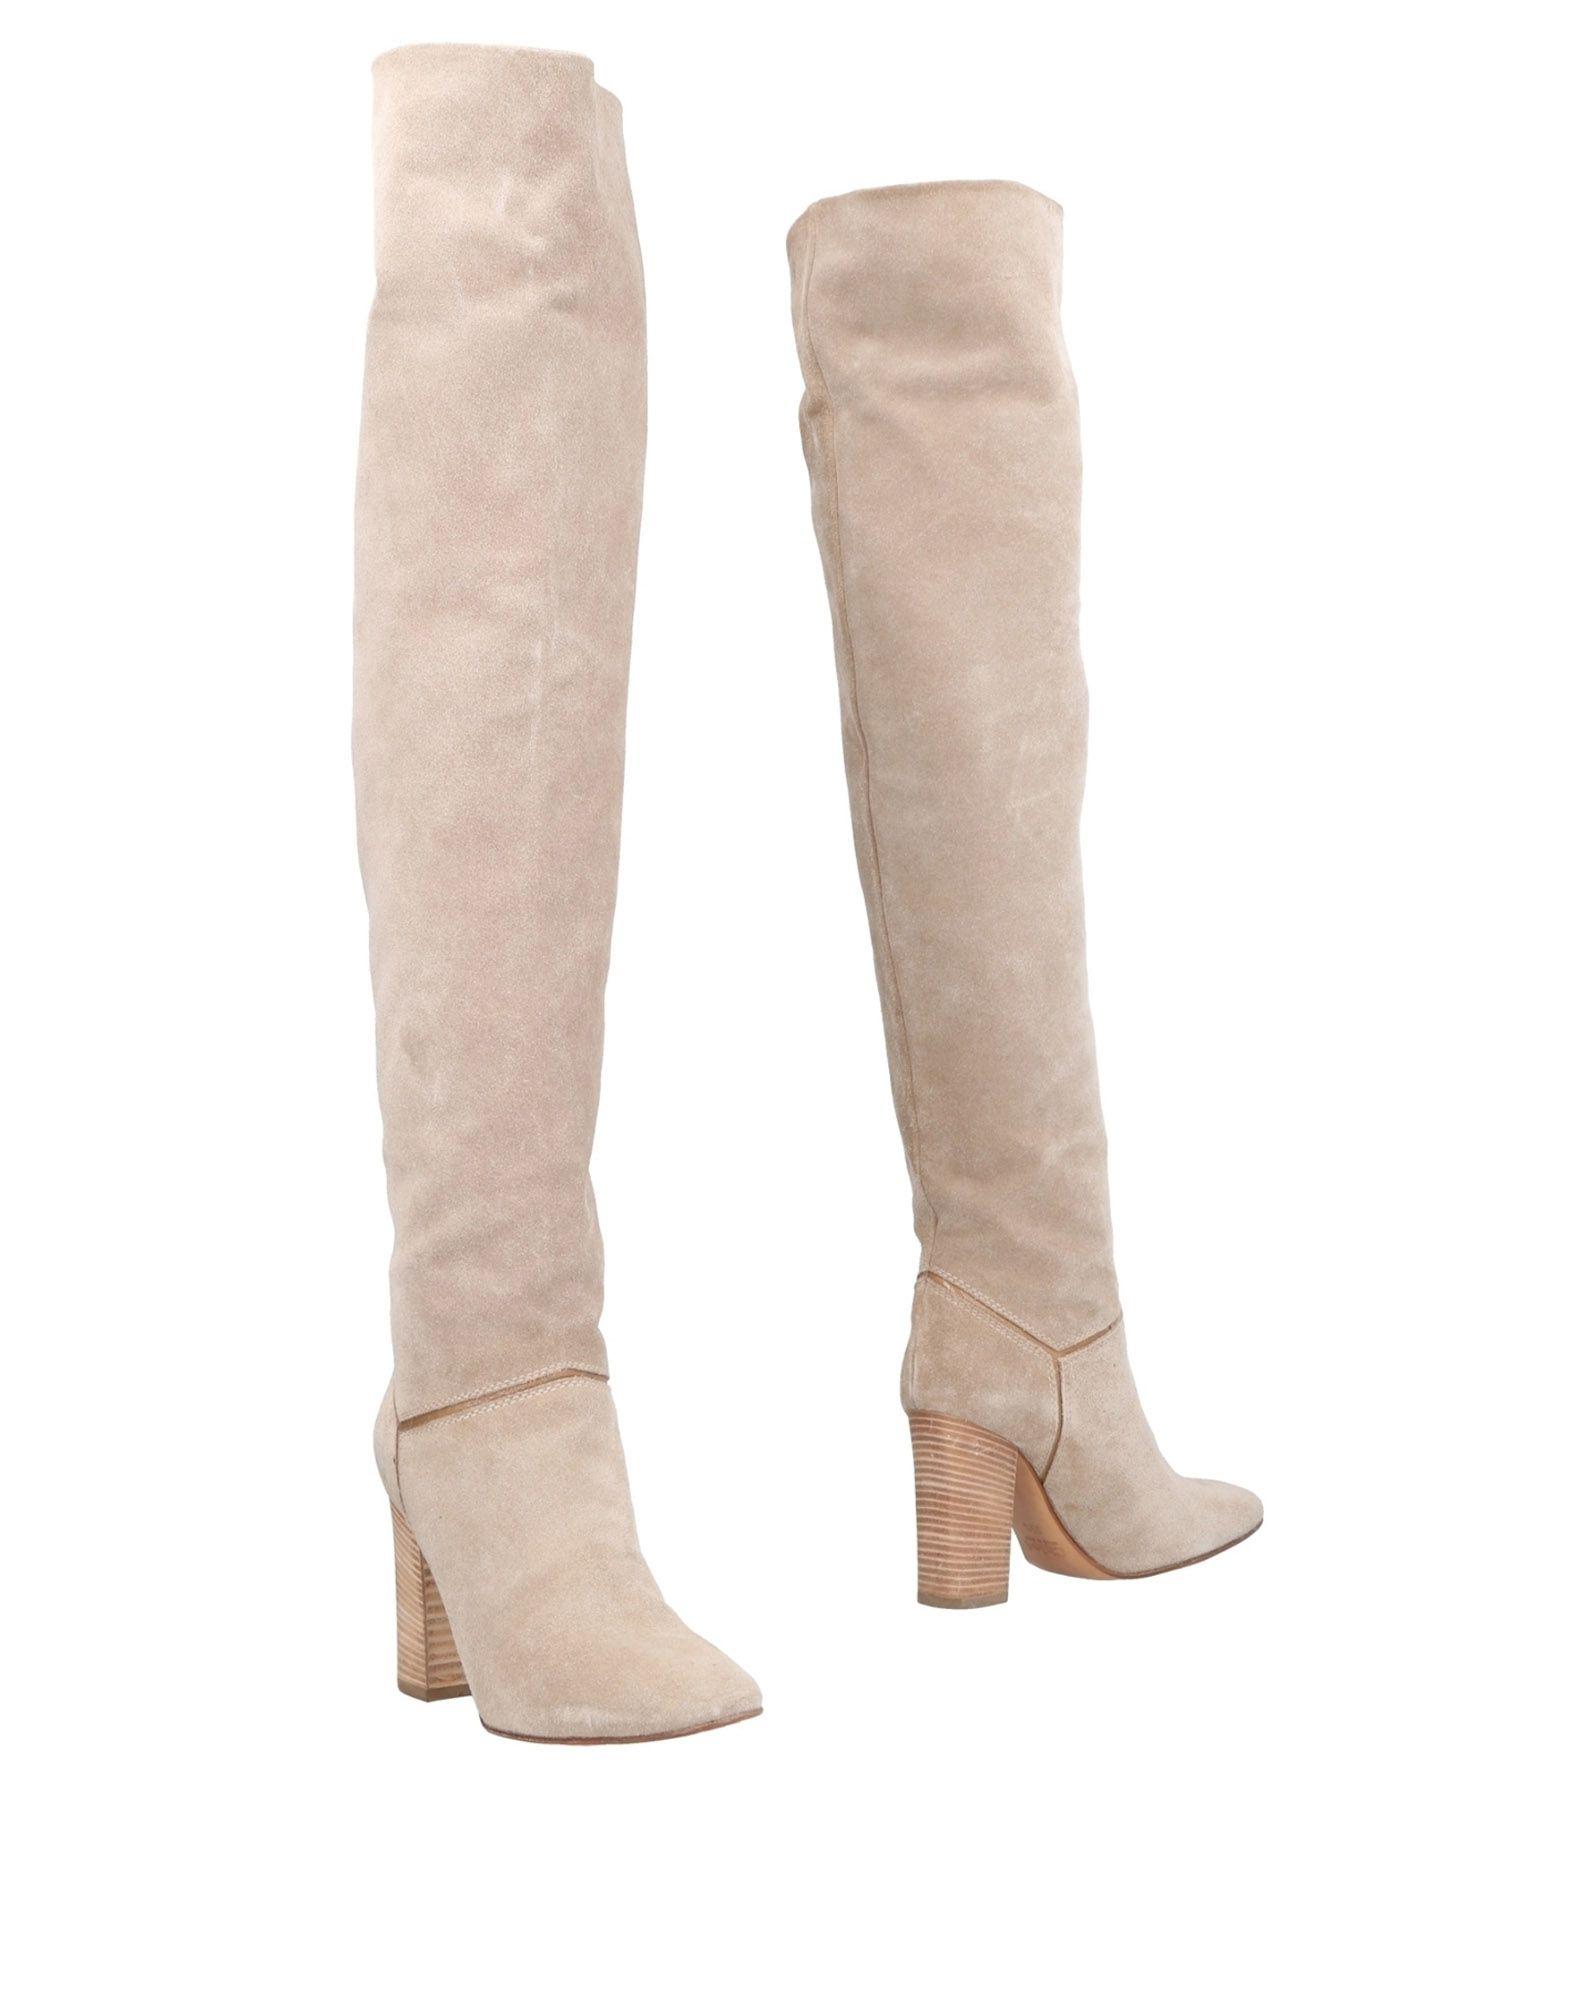 Chloé Stiefel aussehende Damen  11462054VPGünstige gut aussehende Stiefel Schuhe 5baa91